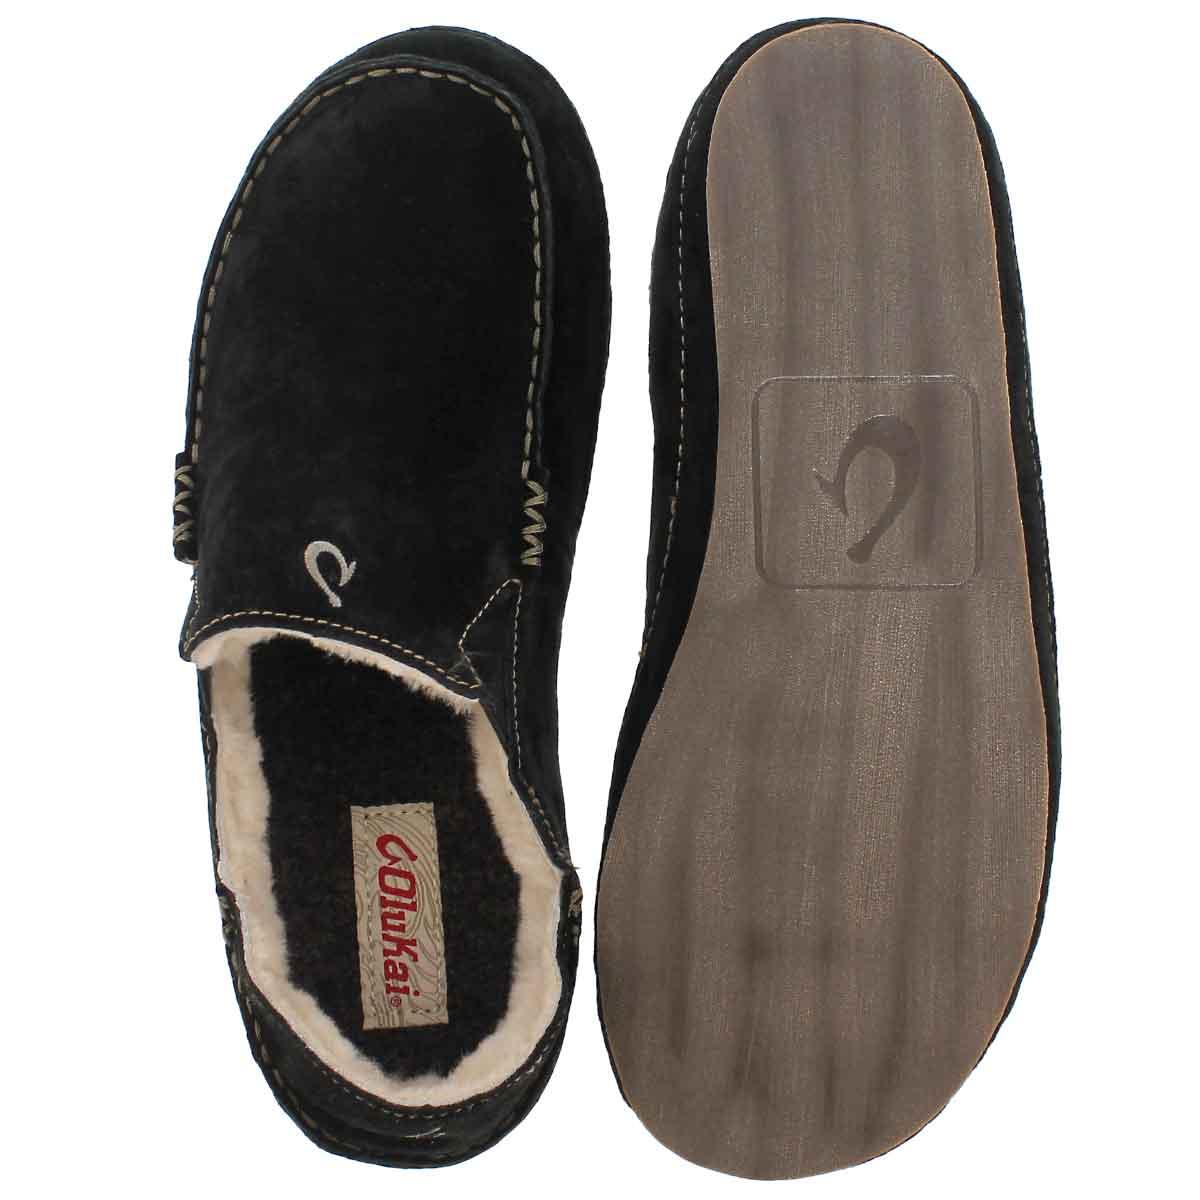 Mns Moloa black drop in heel slipper